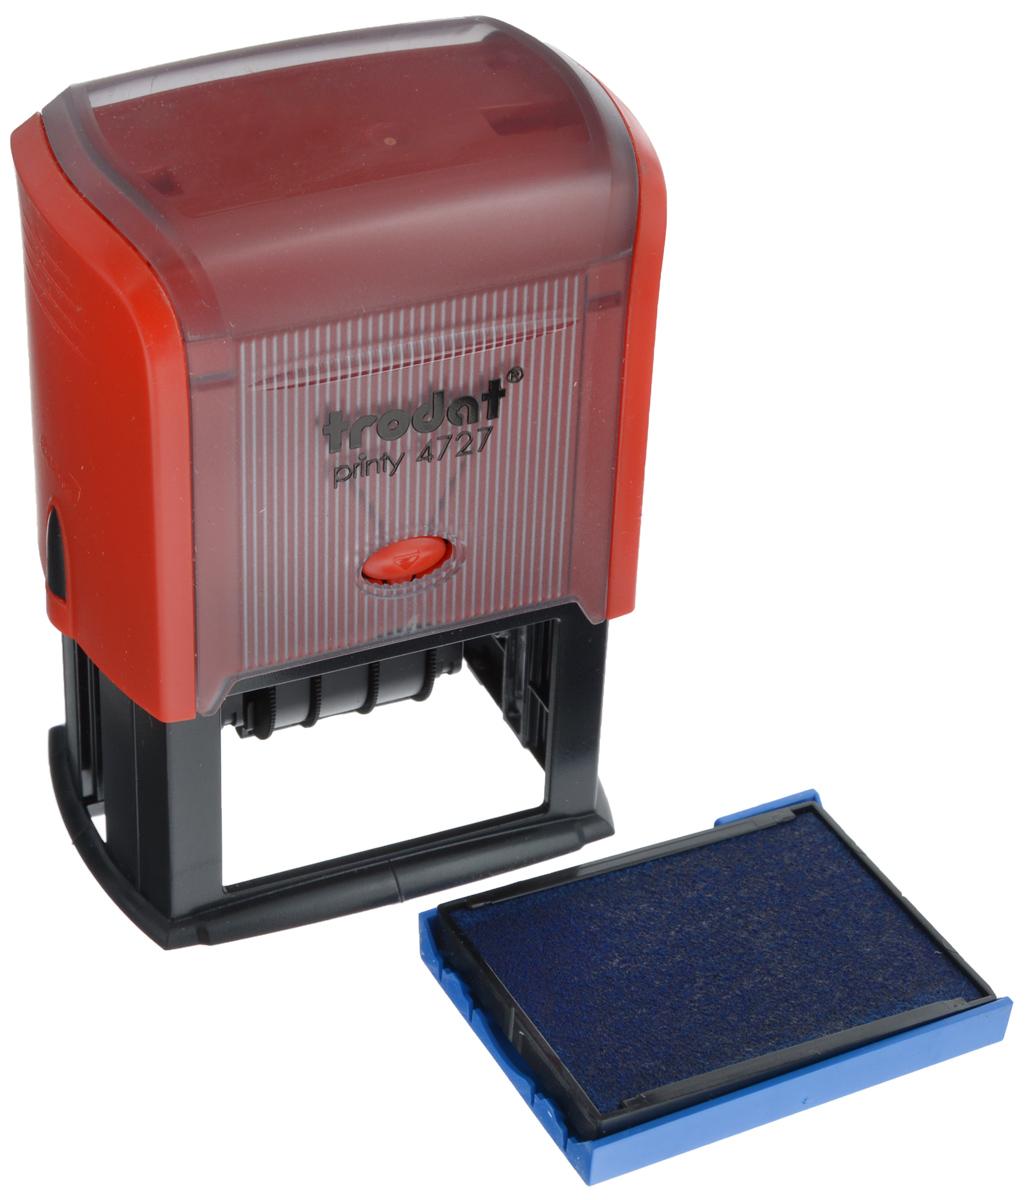 Trodat Датер со свободным полем 60 х 40 мм15514Датер Trodat имеет прочный пластиковый корпус с автоматическим окрашиванием.Дата находится в центре, вокруг даты свободное поле под изготовление клише. Подходит для работы в бухгалтерии, на складе, в банке. Размер свободного поля - 60 мм х 40 мм. В комплект входит сменная подушка, цвет синий.